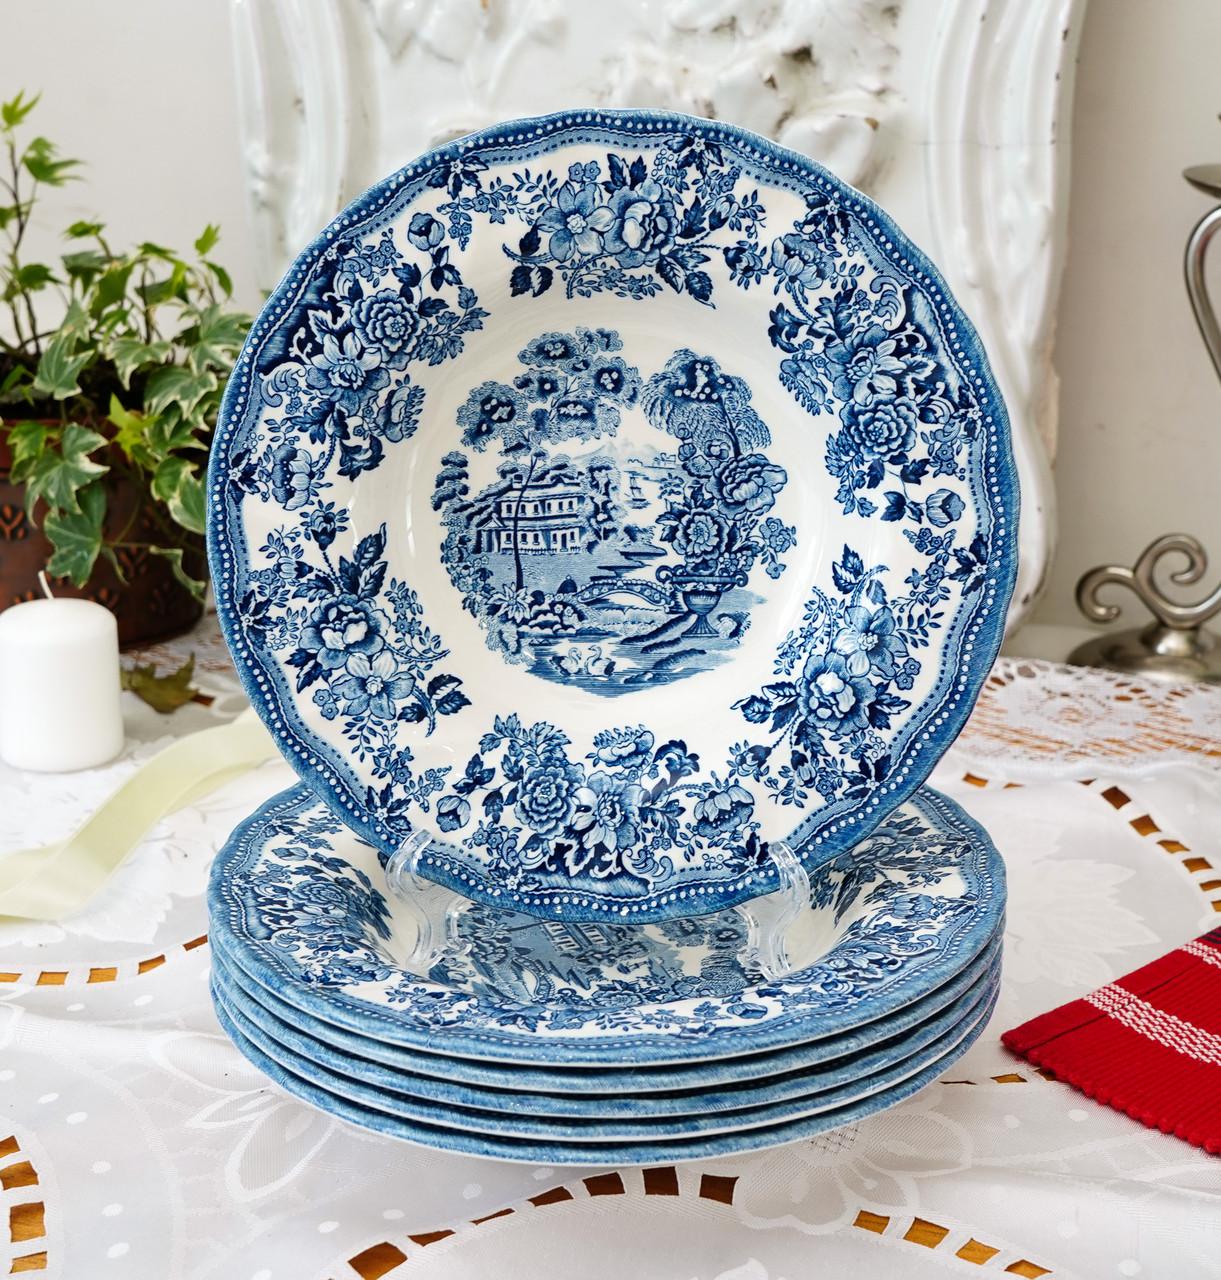 Фарфоровая суповая тарелка, бело синий фарфор, Royal Wessex Churchill, Англия, винтаж